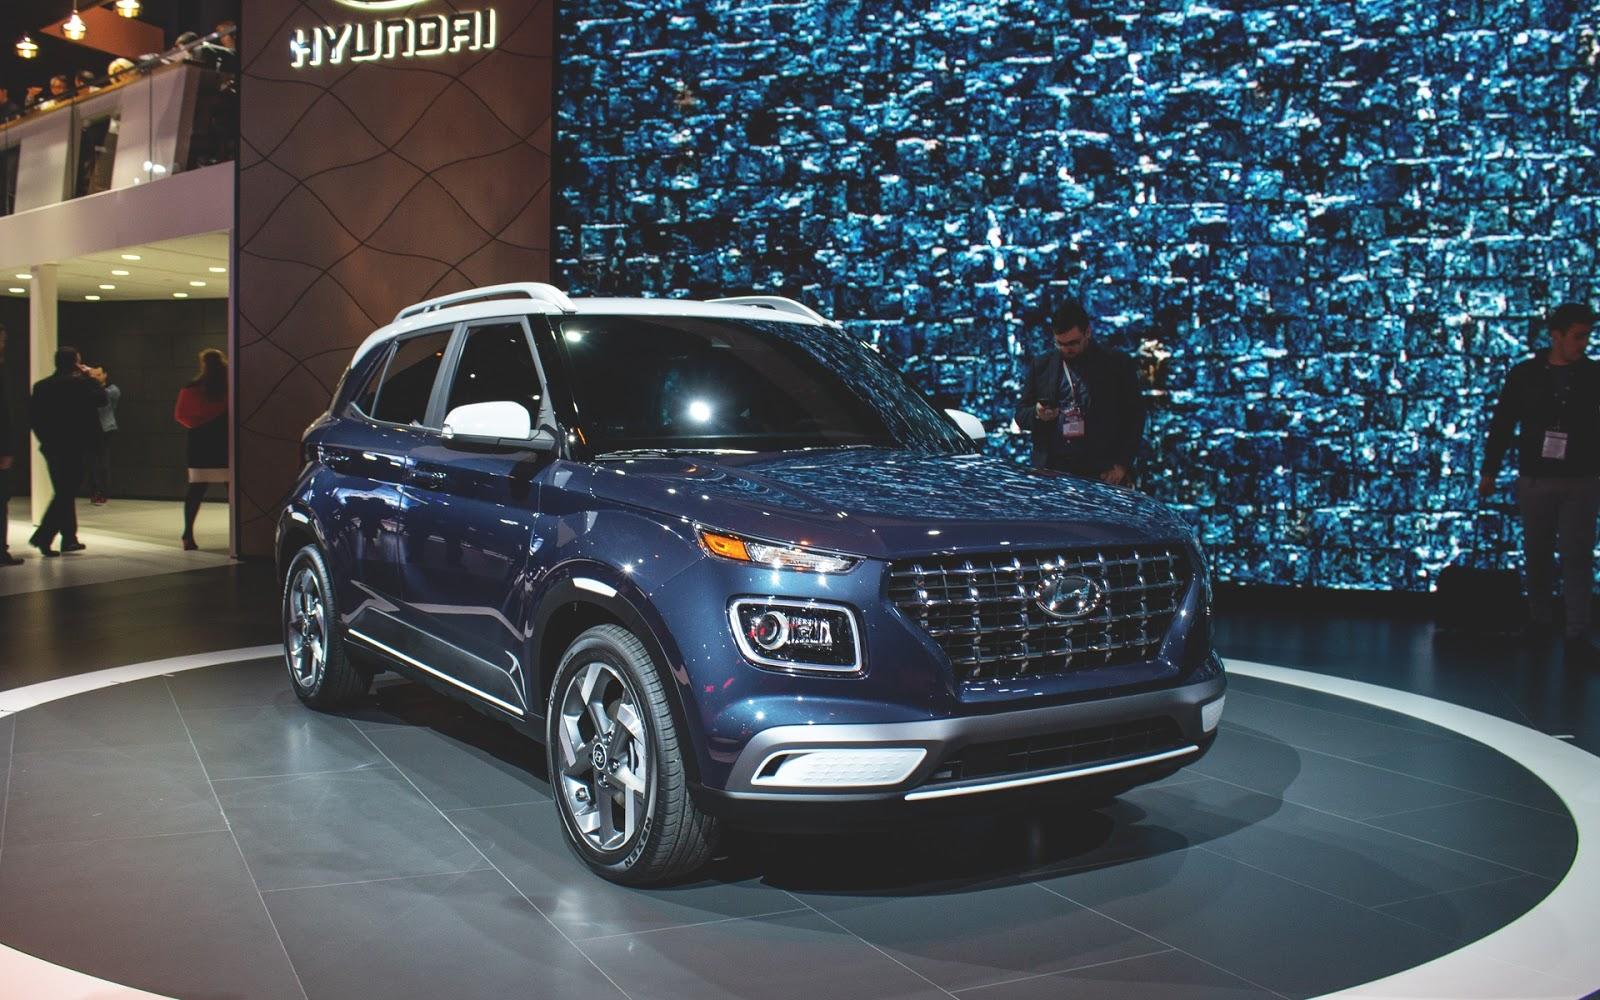 2020 Hyundai Venue: Design, Specs, Equipment, Price >> Carshighlight Com Cars Review Concept Specs Price 2020